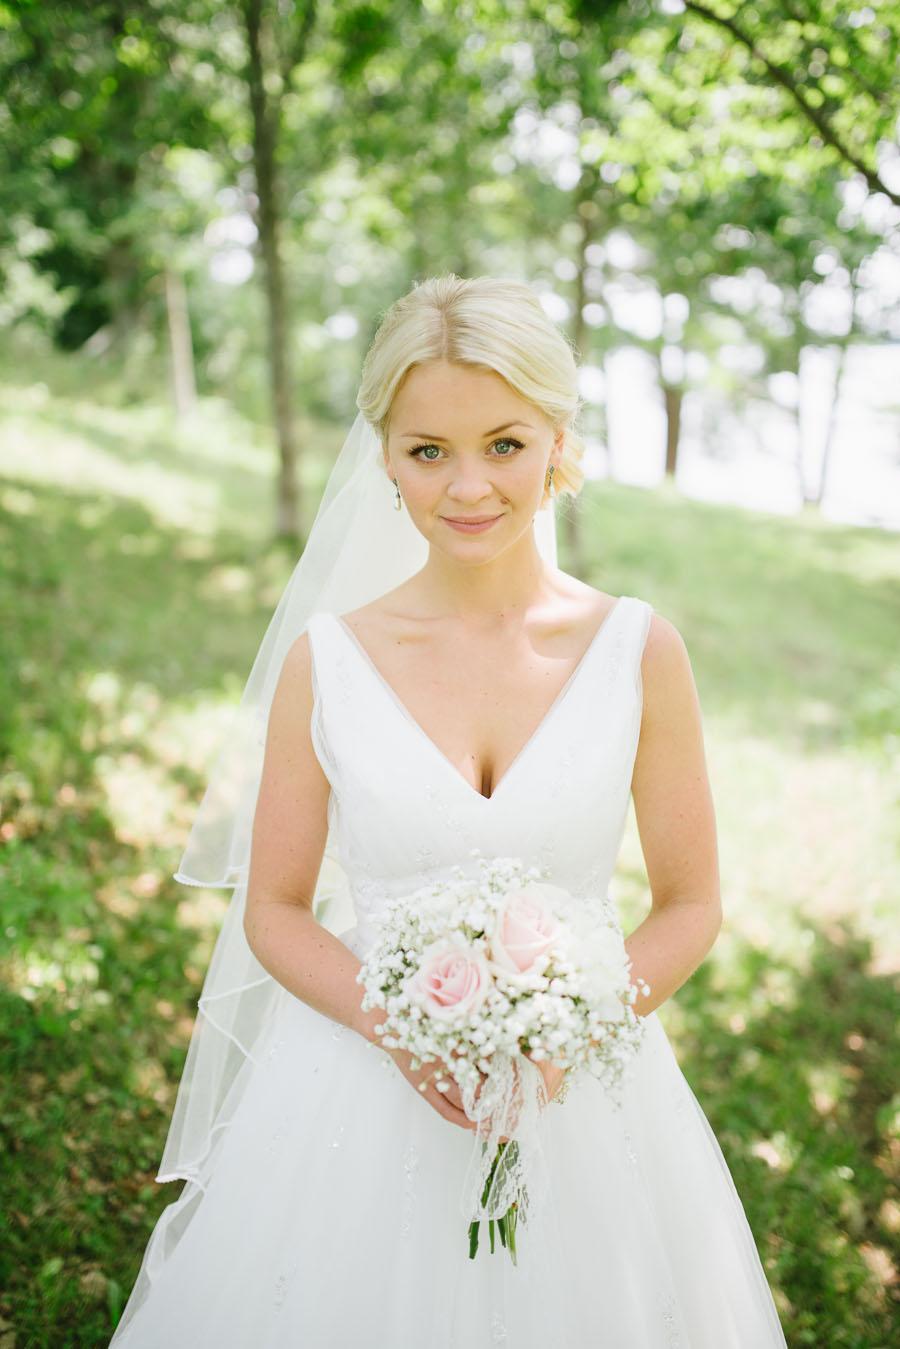 Bröllopsfotograf Backa Loge - bröllopsporträtt brud